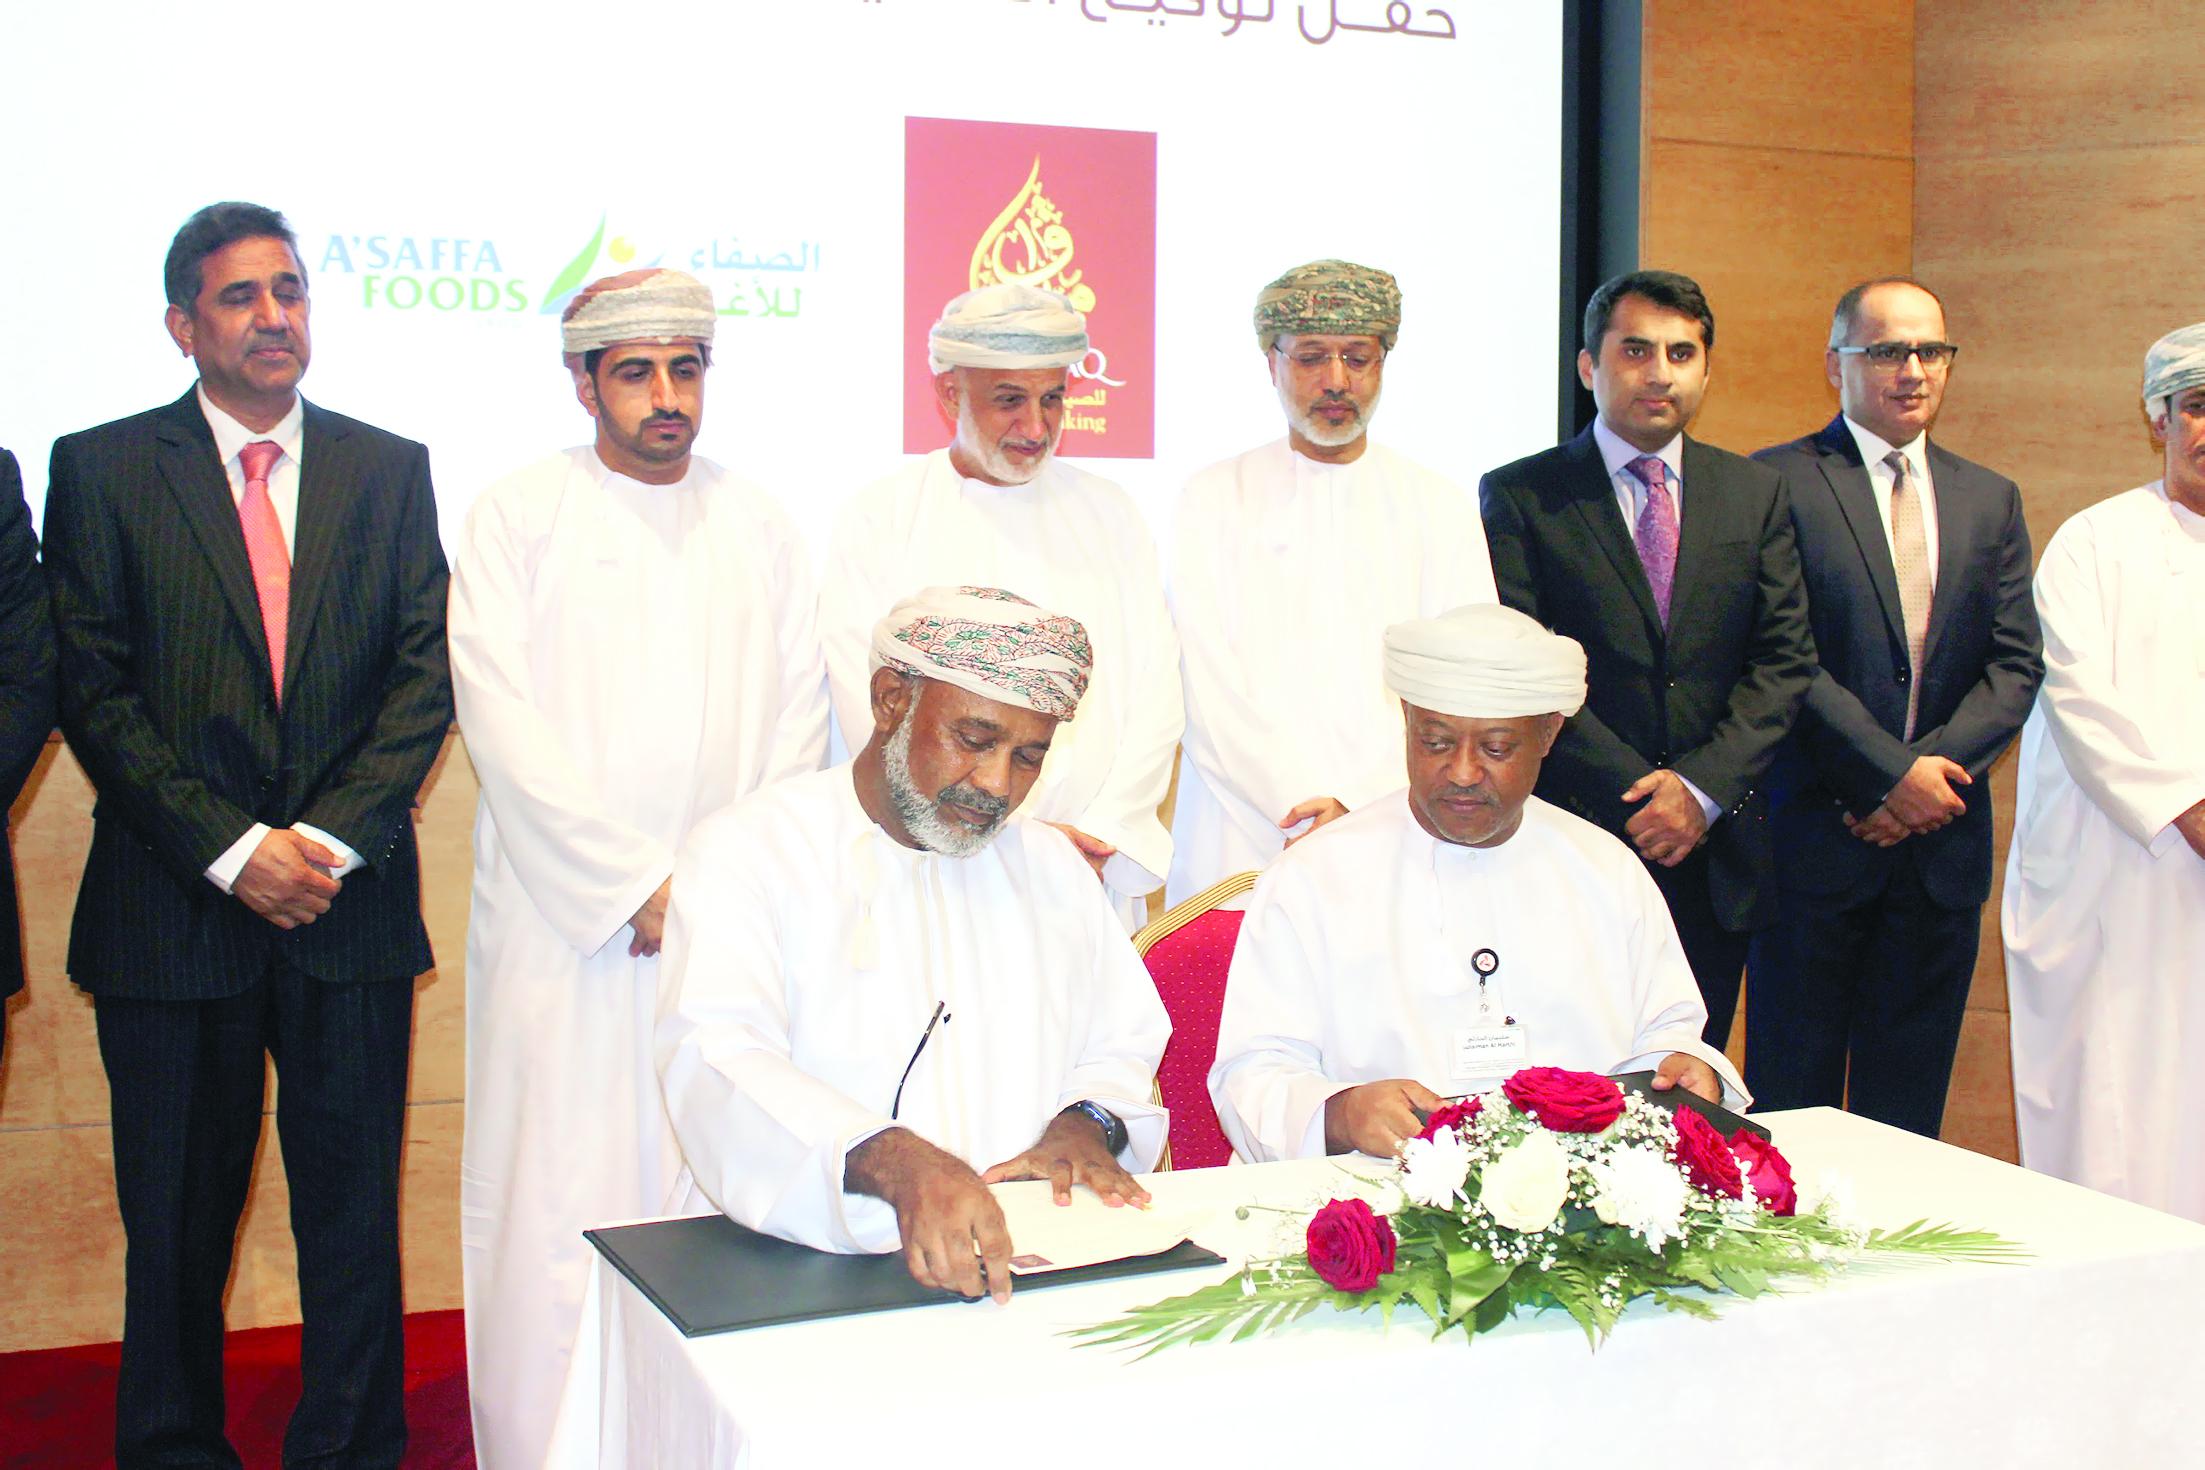 31.5 مليون ريال عماني لتوسيع أعمال «الصفاء للأغذية»